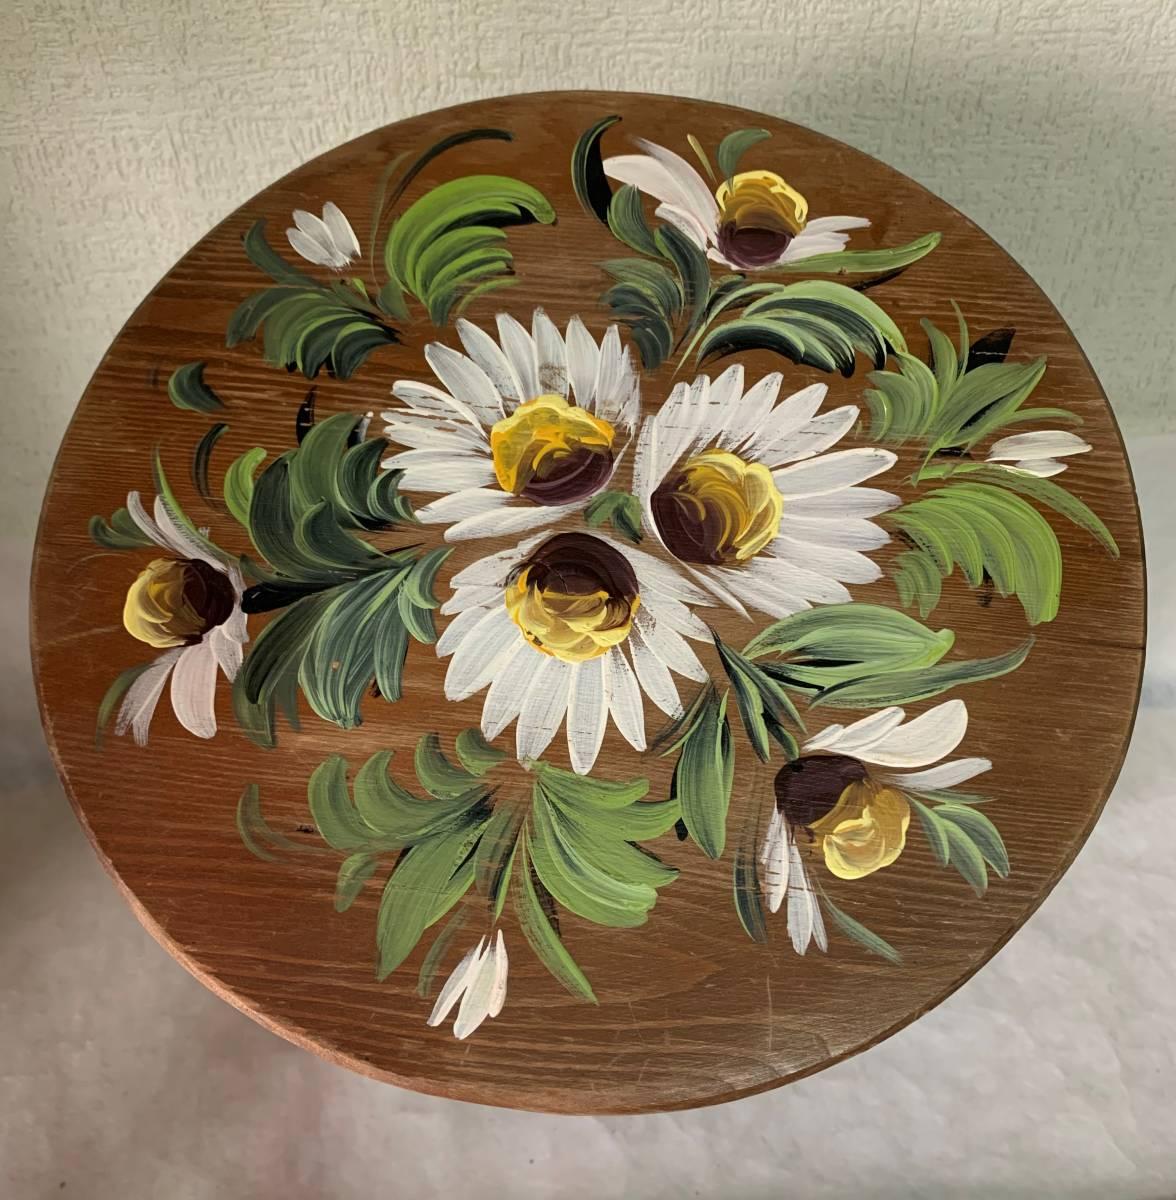 ◆イタリー製 木製 花が描かれた 花台 踏み台 腰掛 収納扉付◆_画像5